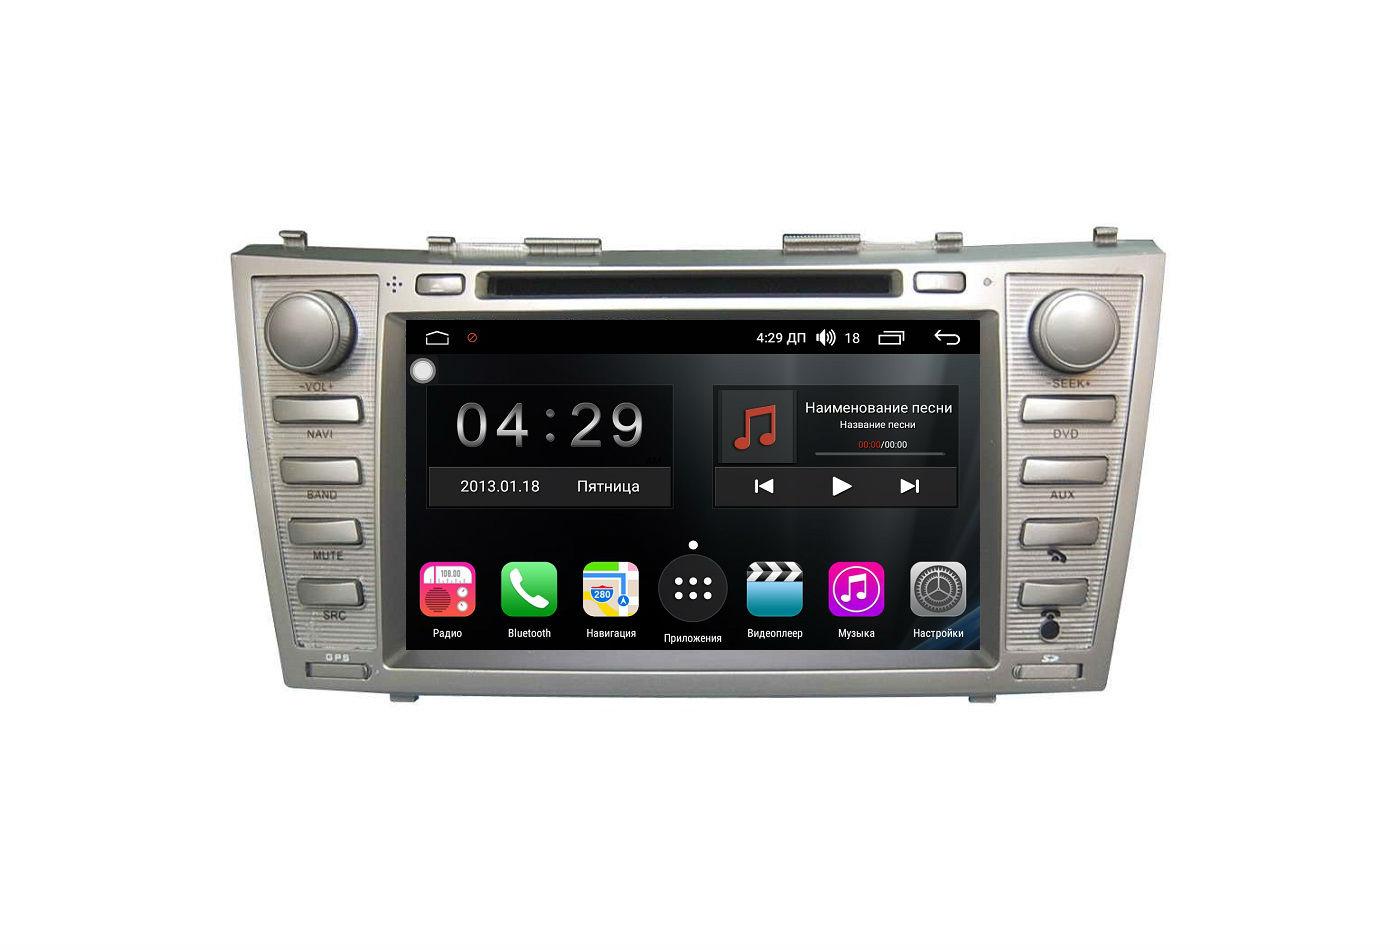 Штатная магнитола FarCar s200+ для Toyota Camry на Android (A064) (+ Камера заднего вида в подарок!)